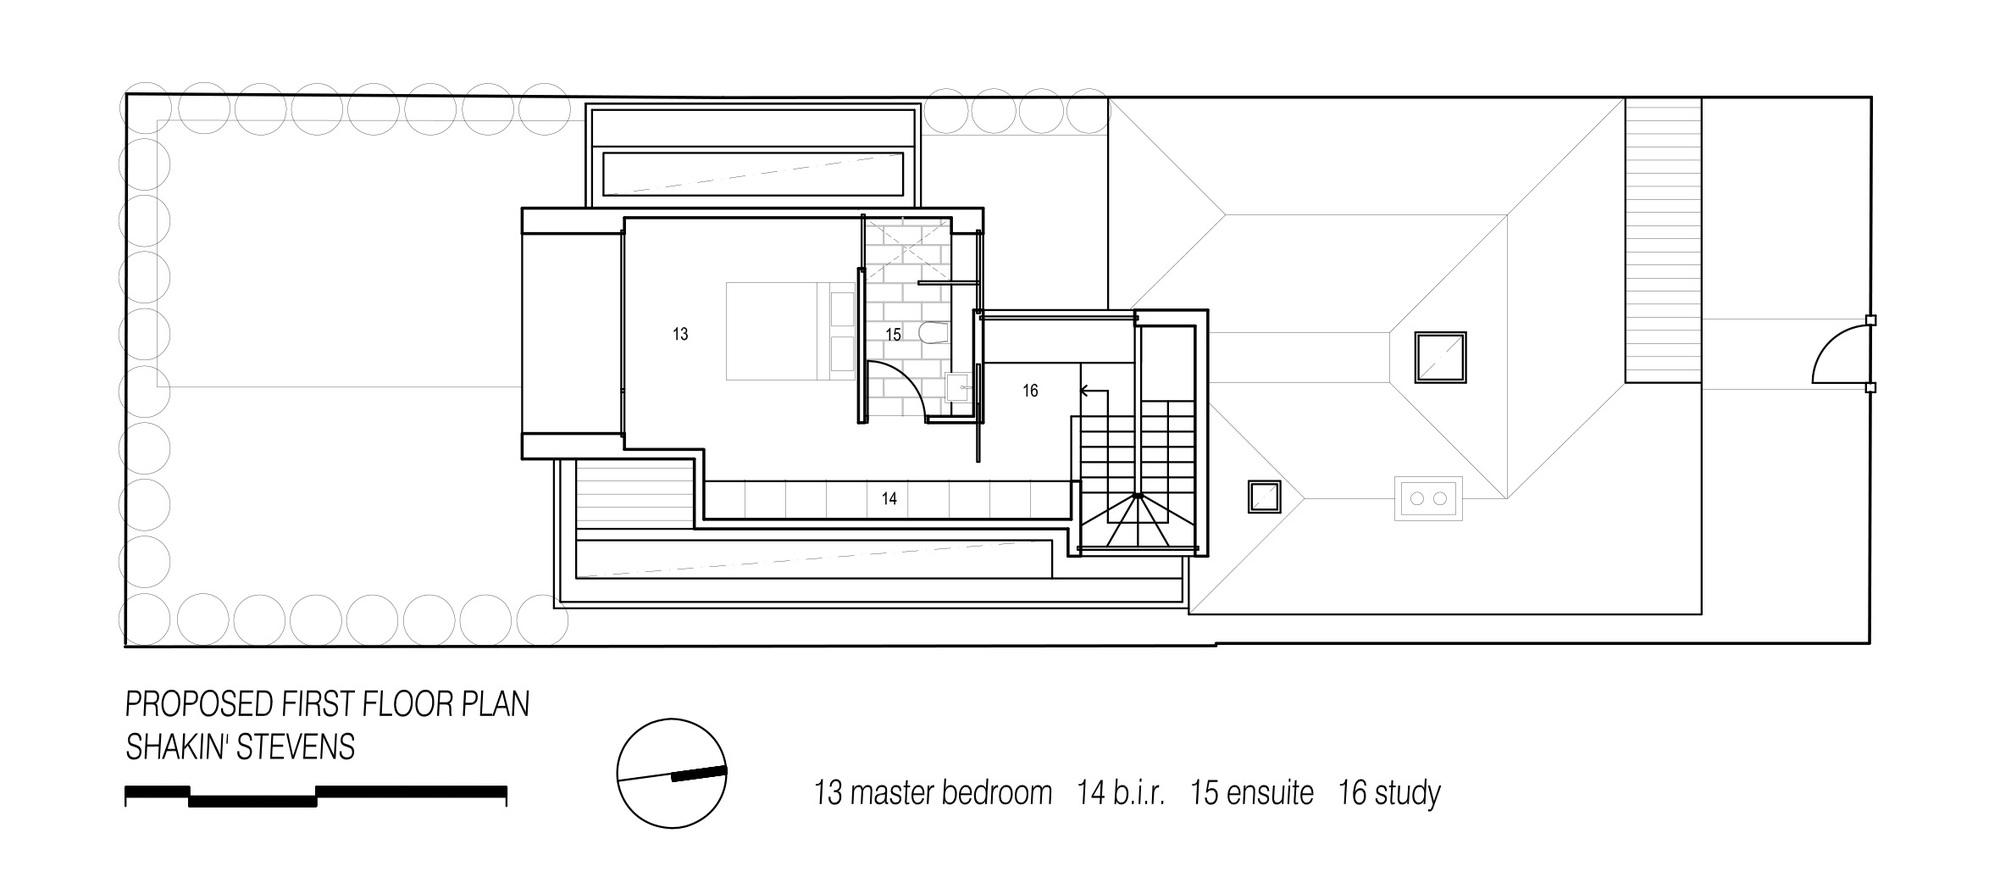 Gallery of shakin 39 stevens residence matt gibson for X2 residency floor plan